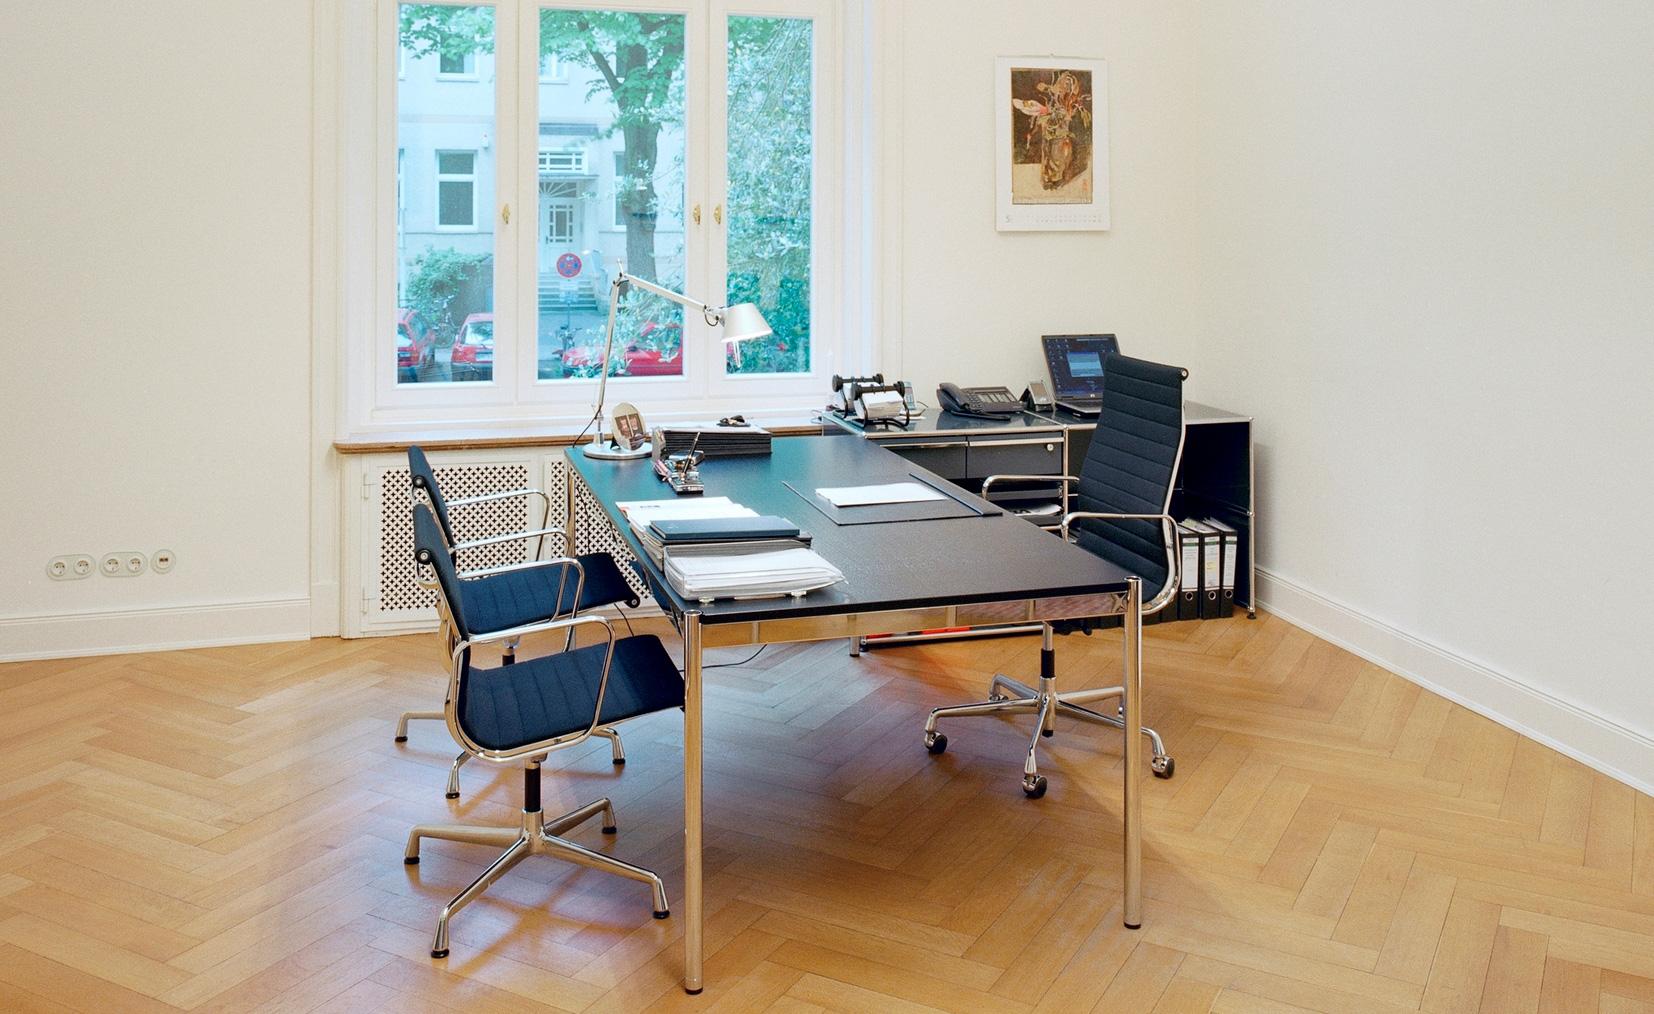 Einrichtungsideen Büro einrichtungsideen büro